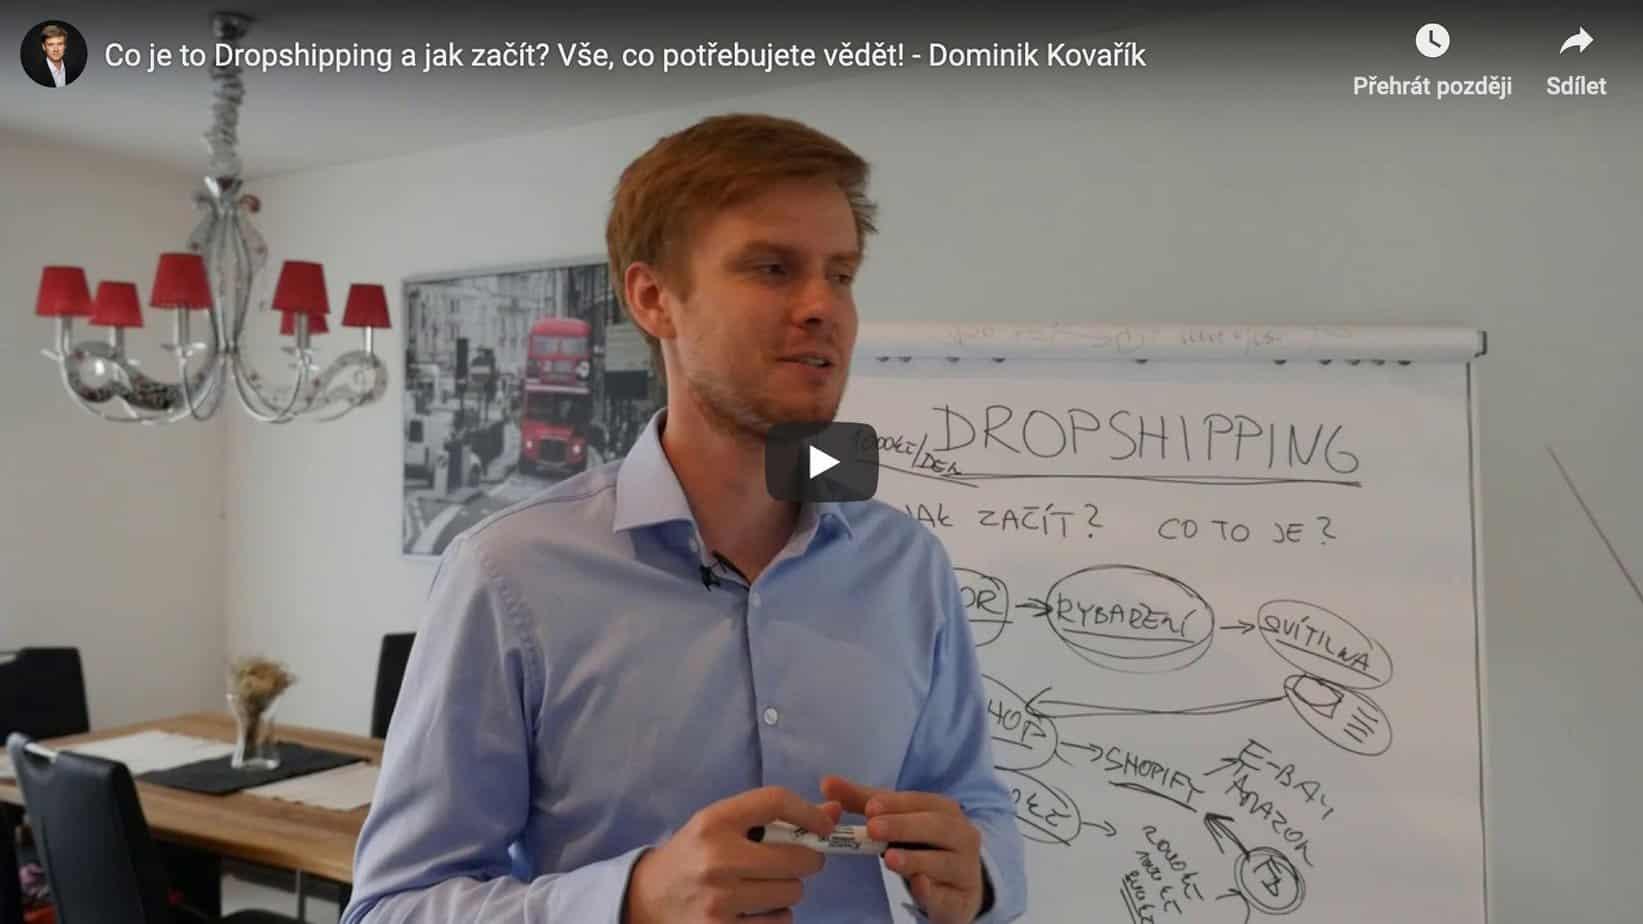 Co je to Dropshipping a jak začít? Vše, co potřebujete vědět!